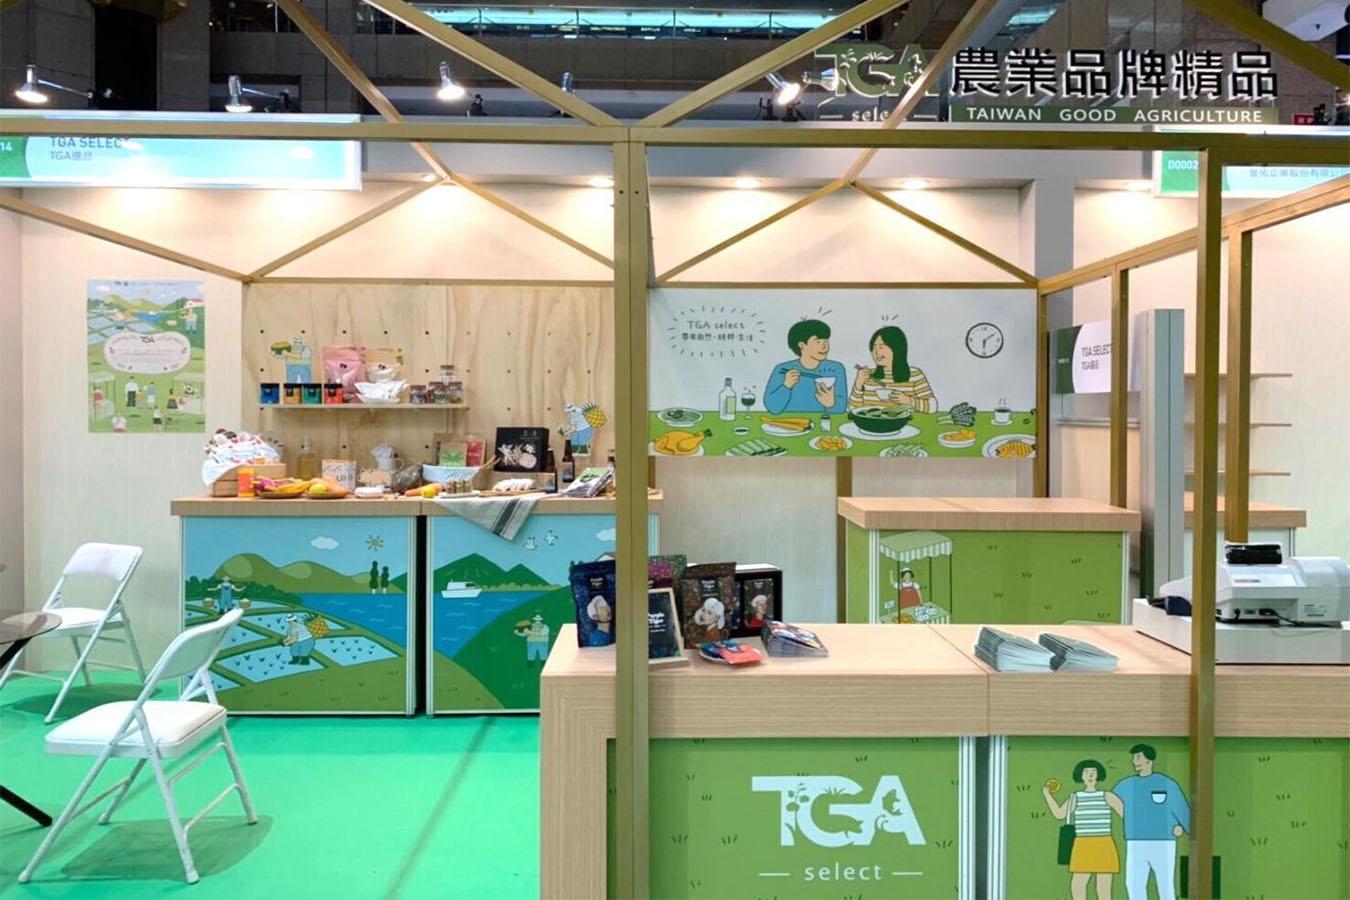 直擊2019台北國際食品展!TGA「品牌好農.行銷台灣」展區特寫 (上)